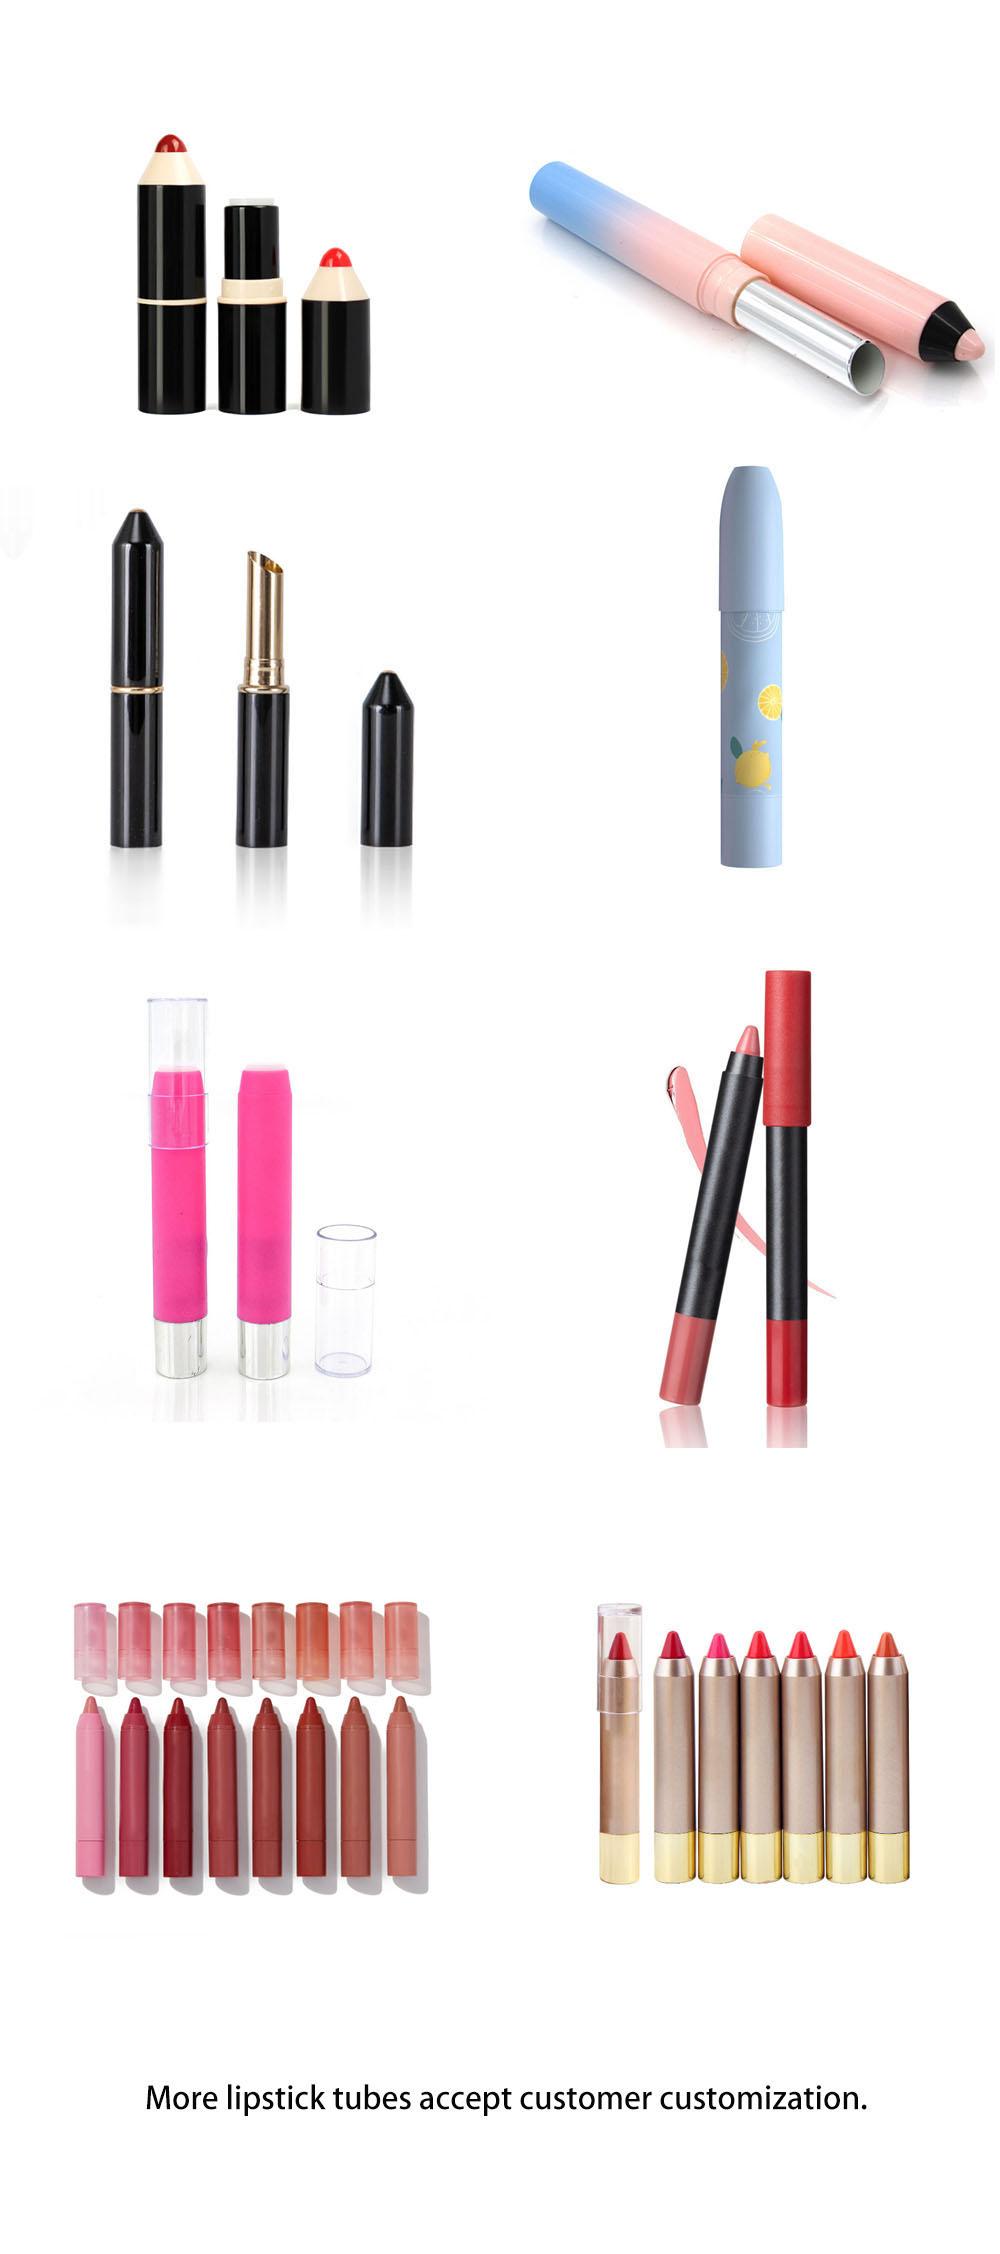 Velvet crayon lipstick tube